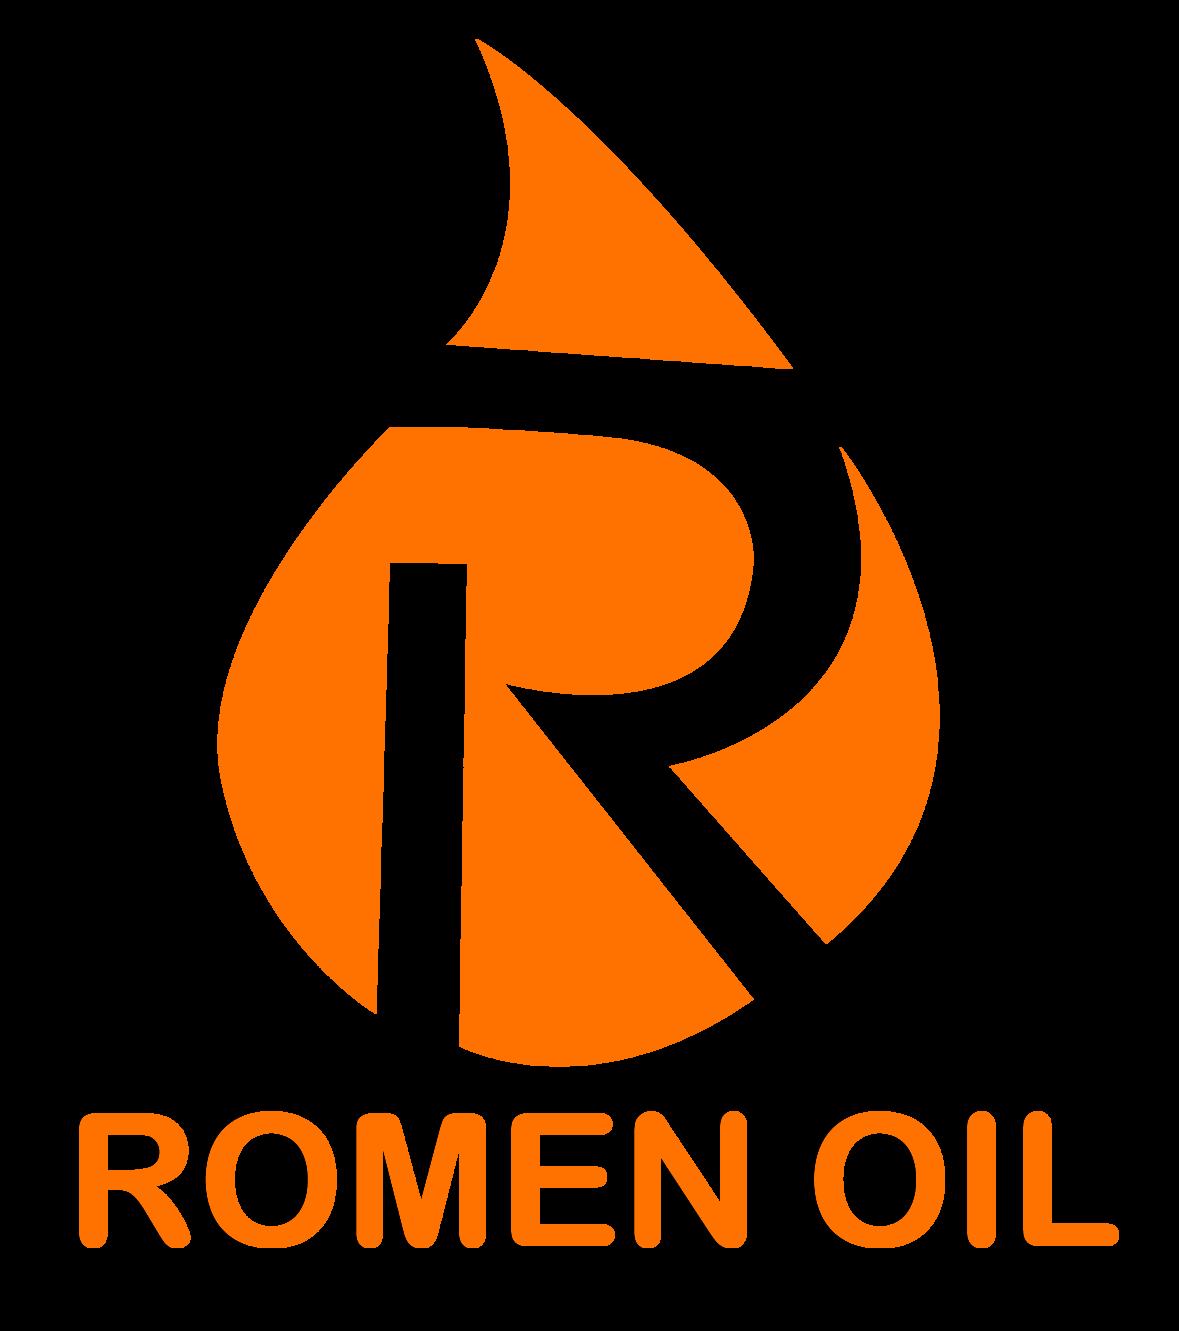 Romen Oil